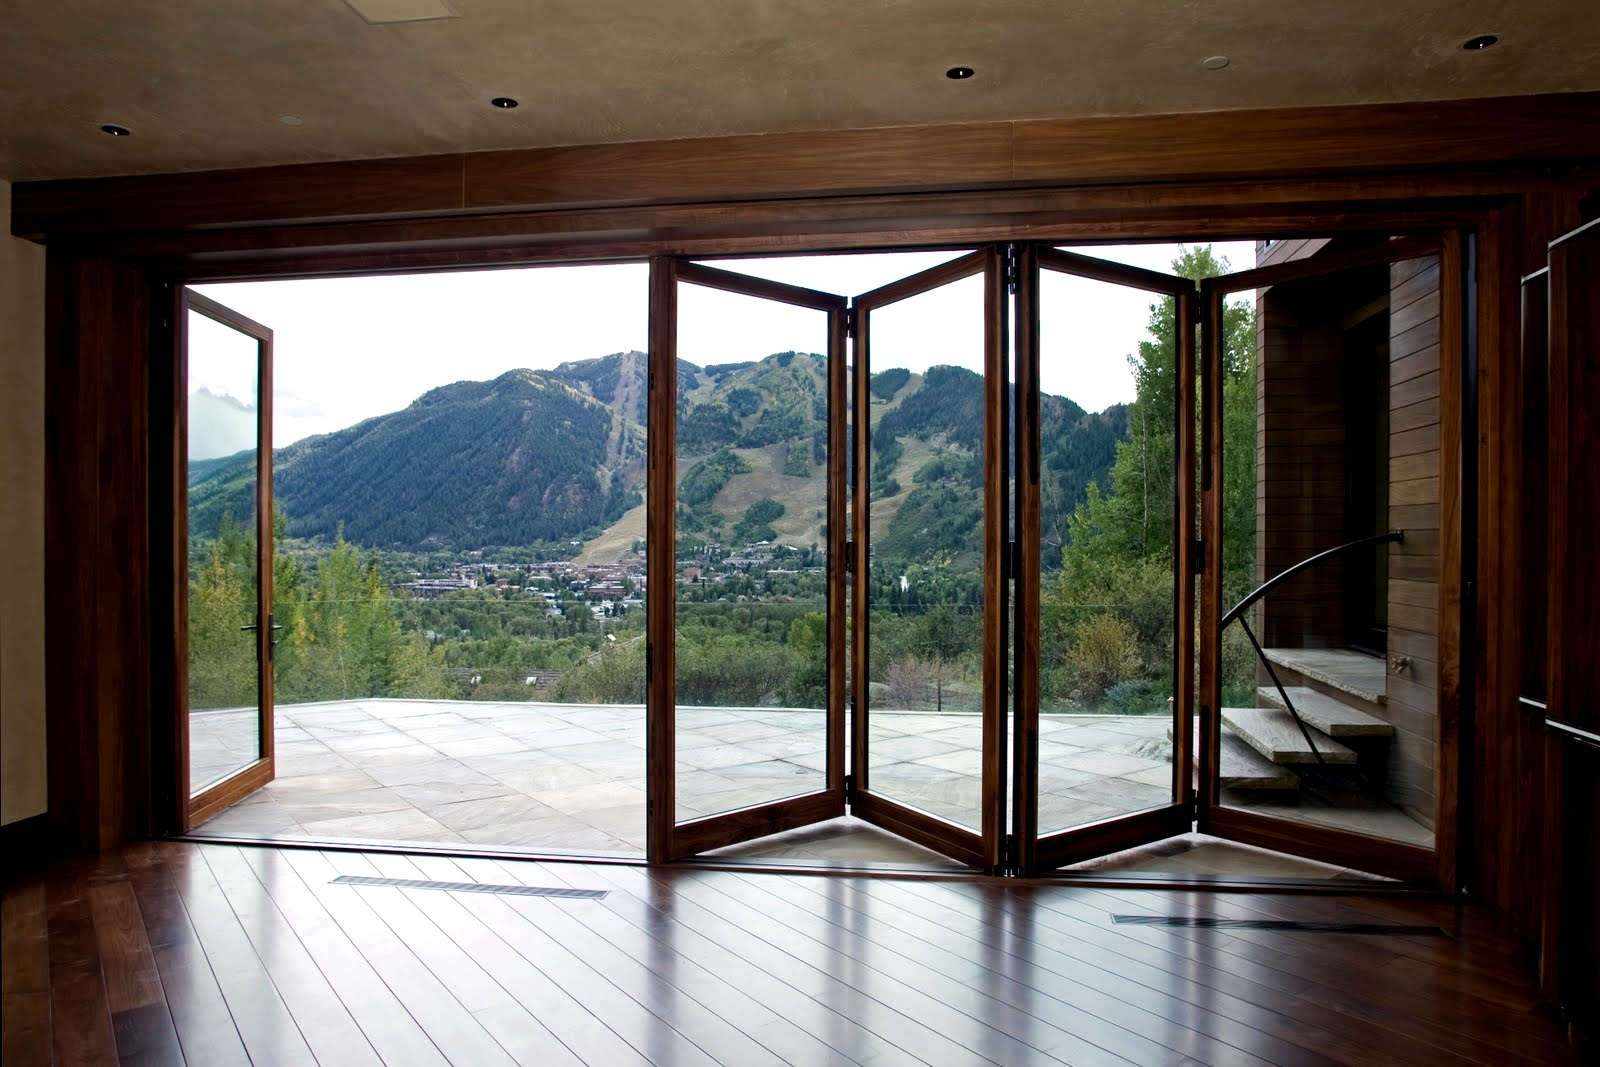 Folding inspiring home decor